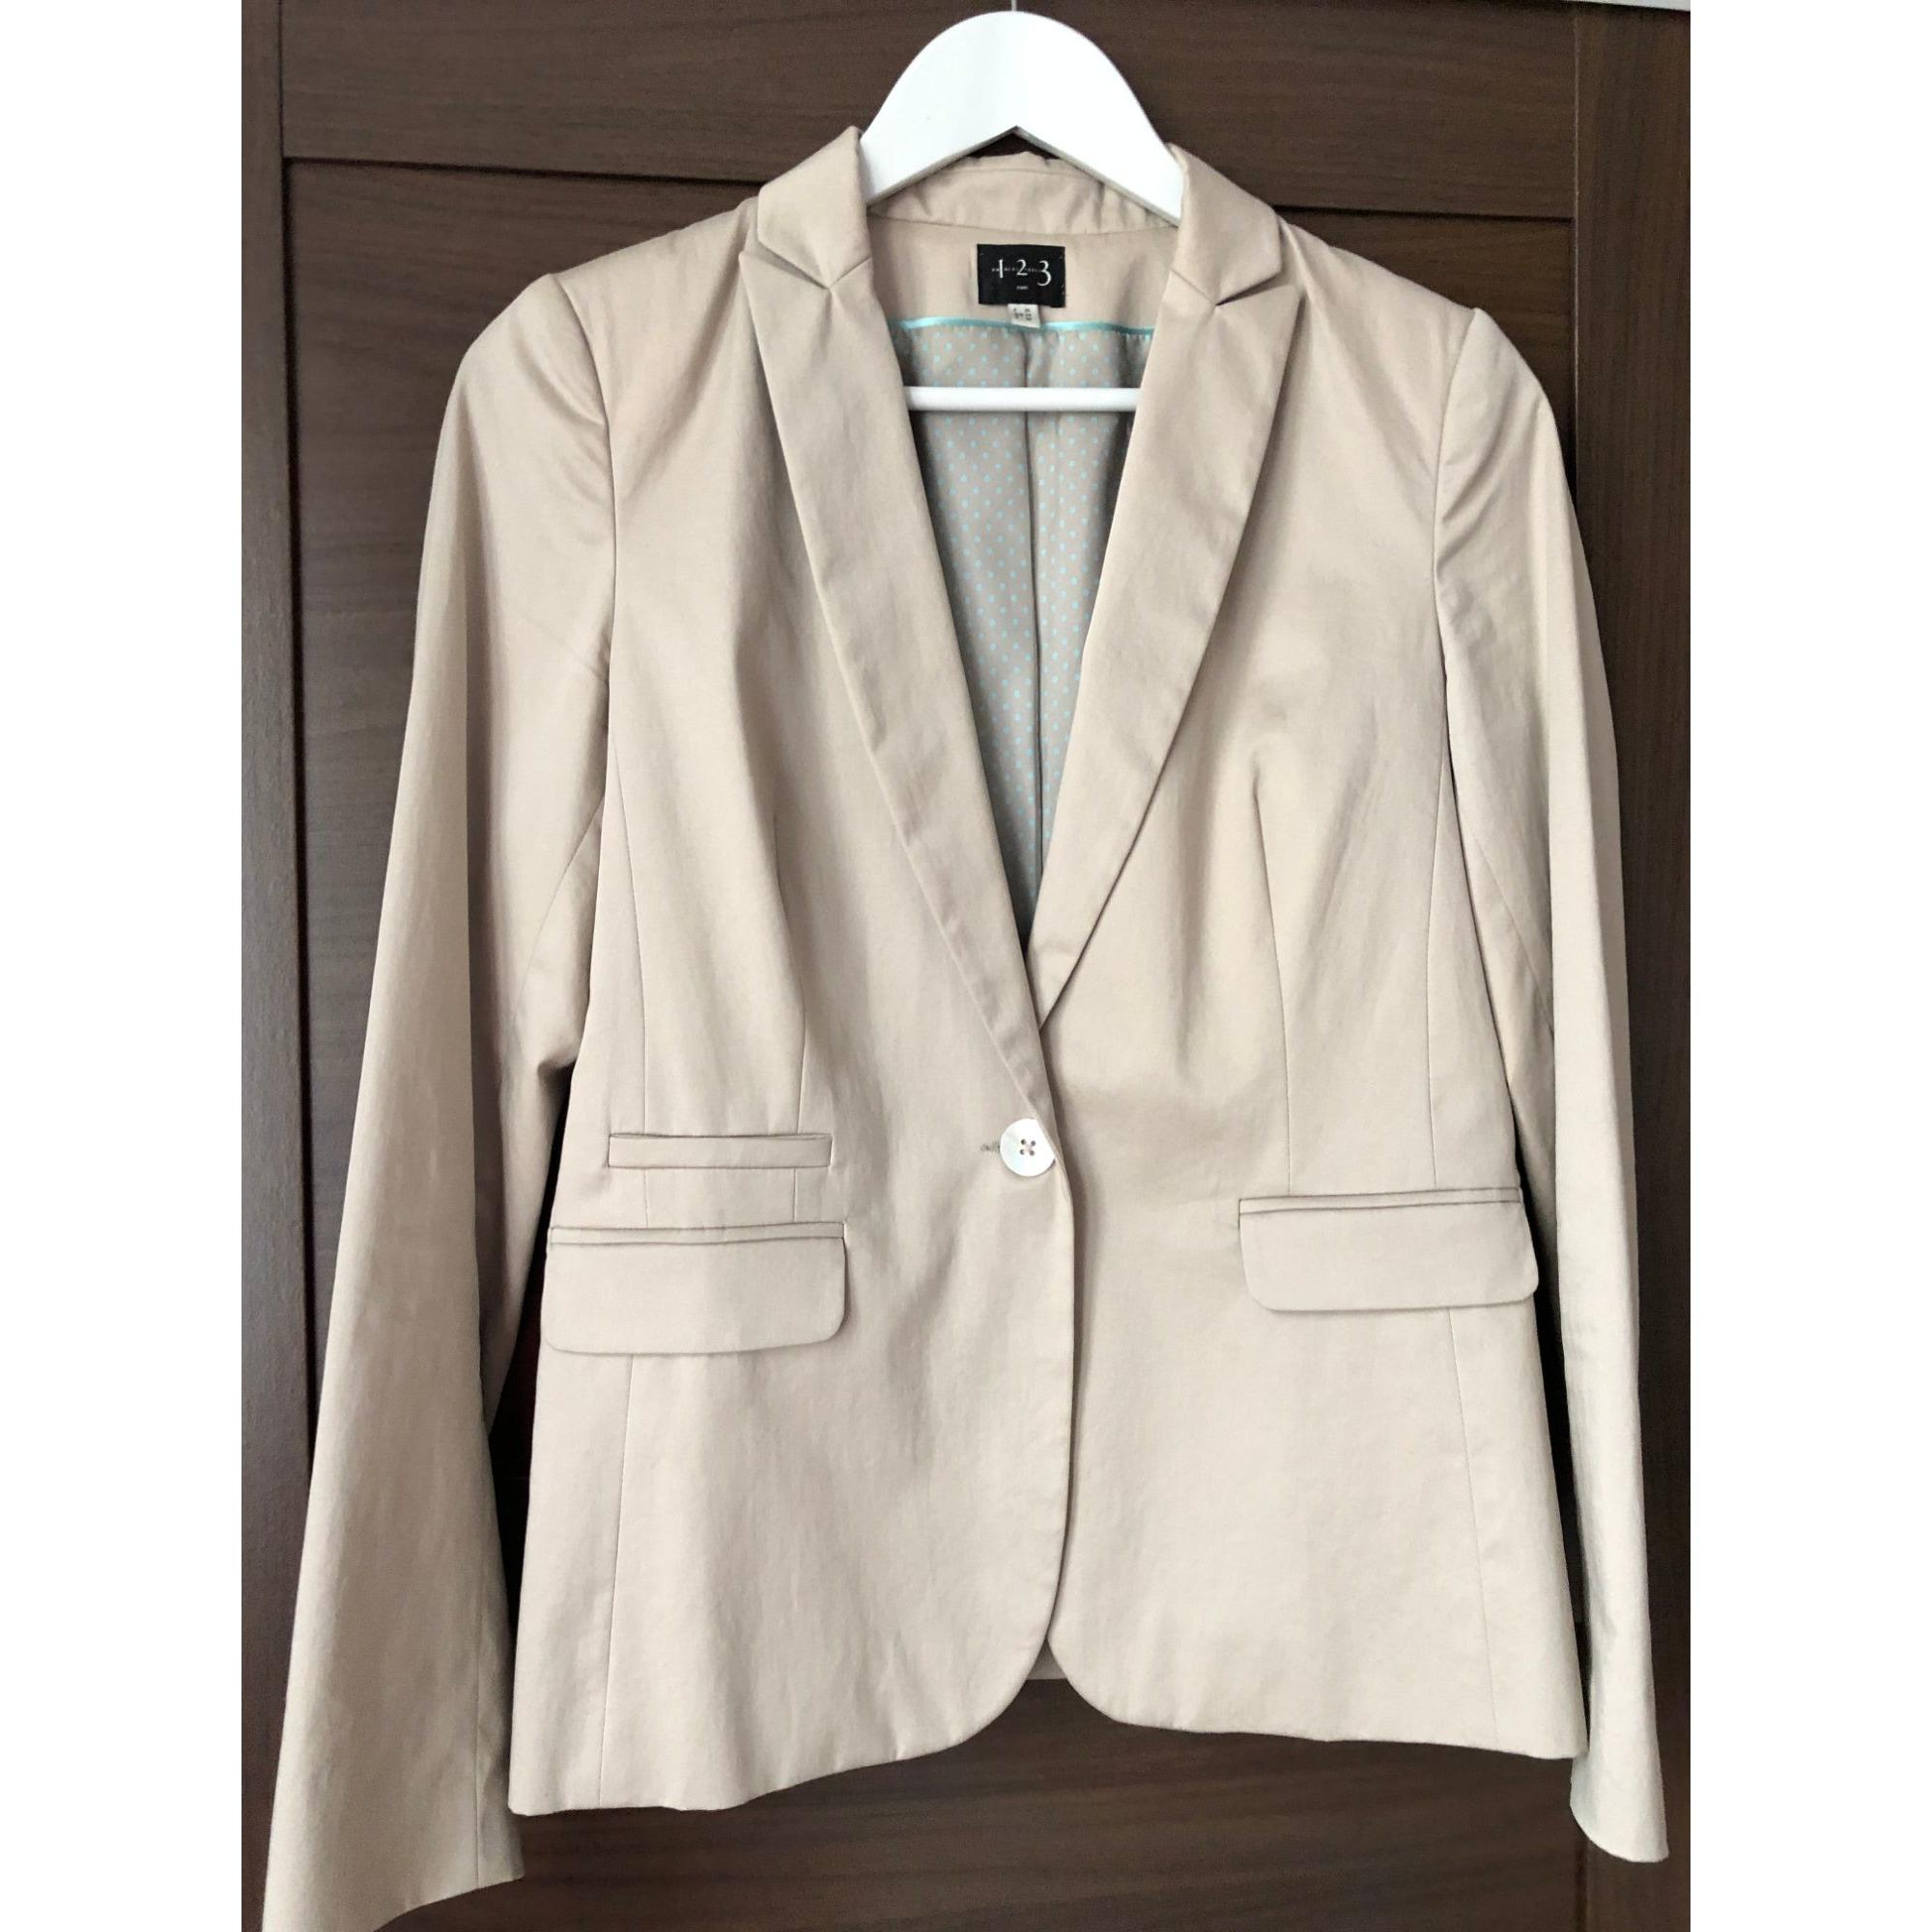 Blazer, veste tailleur 1.2.3 Blanc, blanc cassé, écru